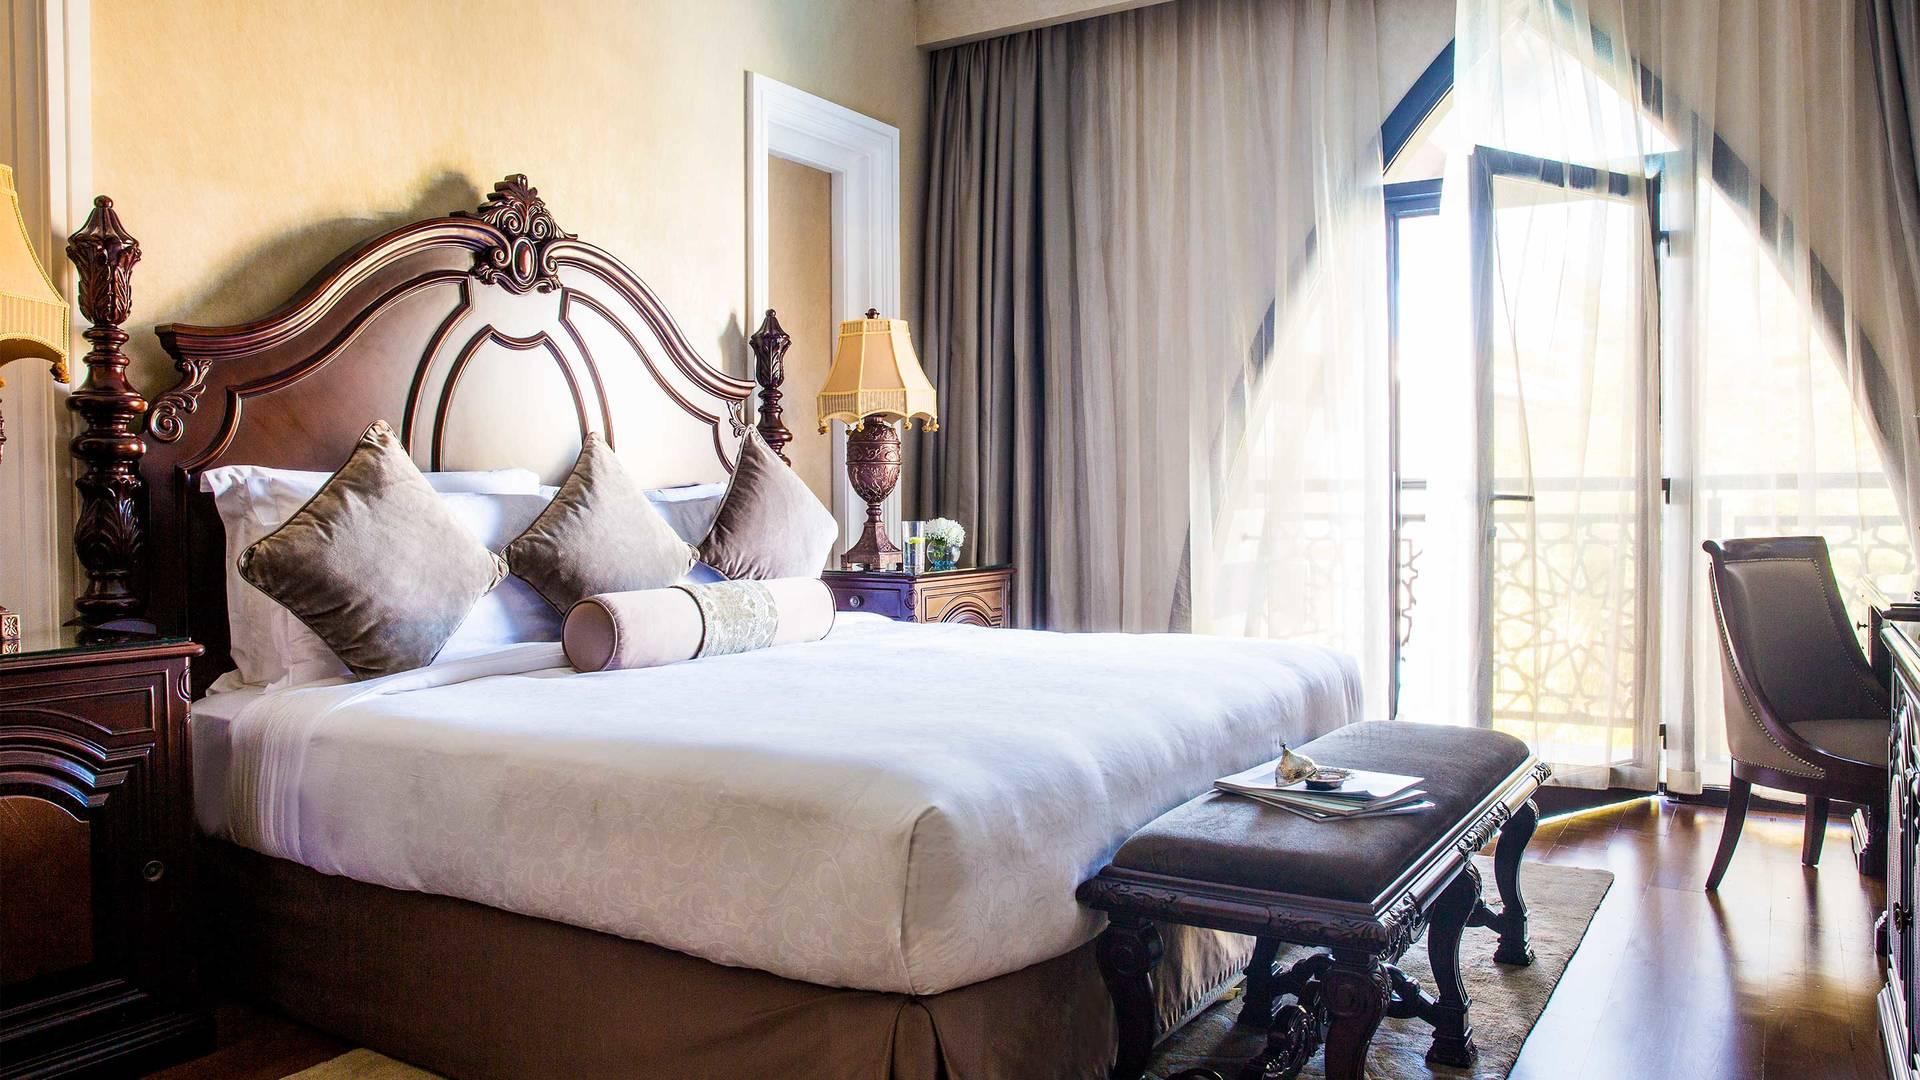 16-9 Room Jumeirah Zabeel Saray Royal Residences King Bed